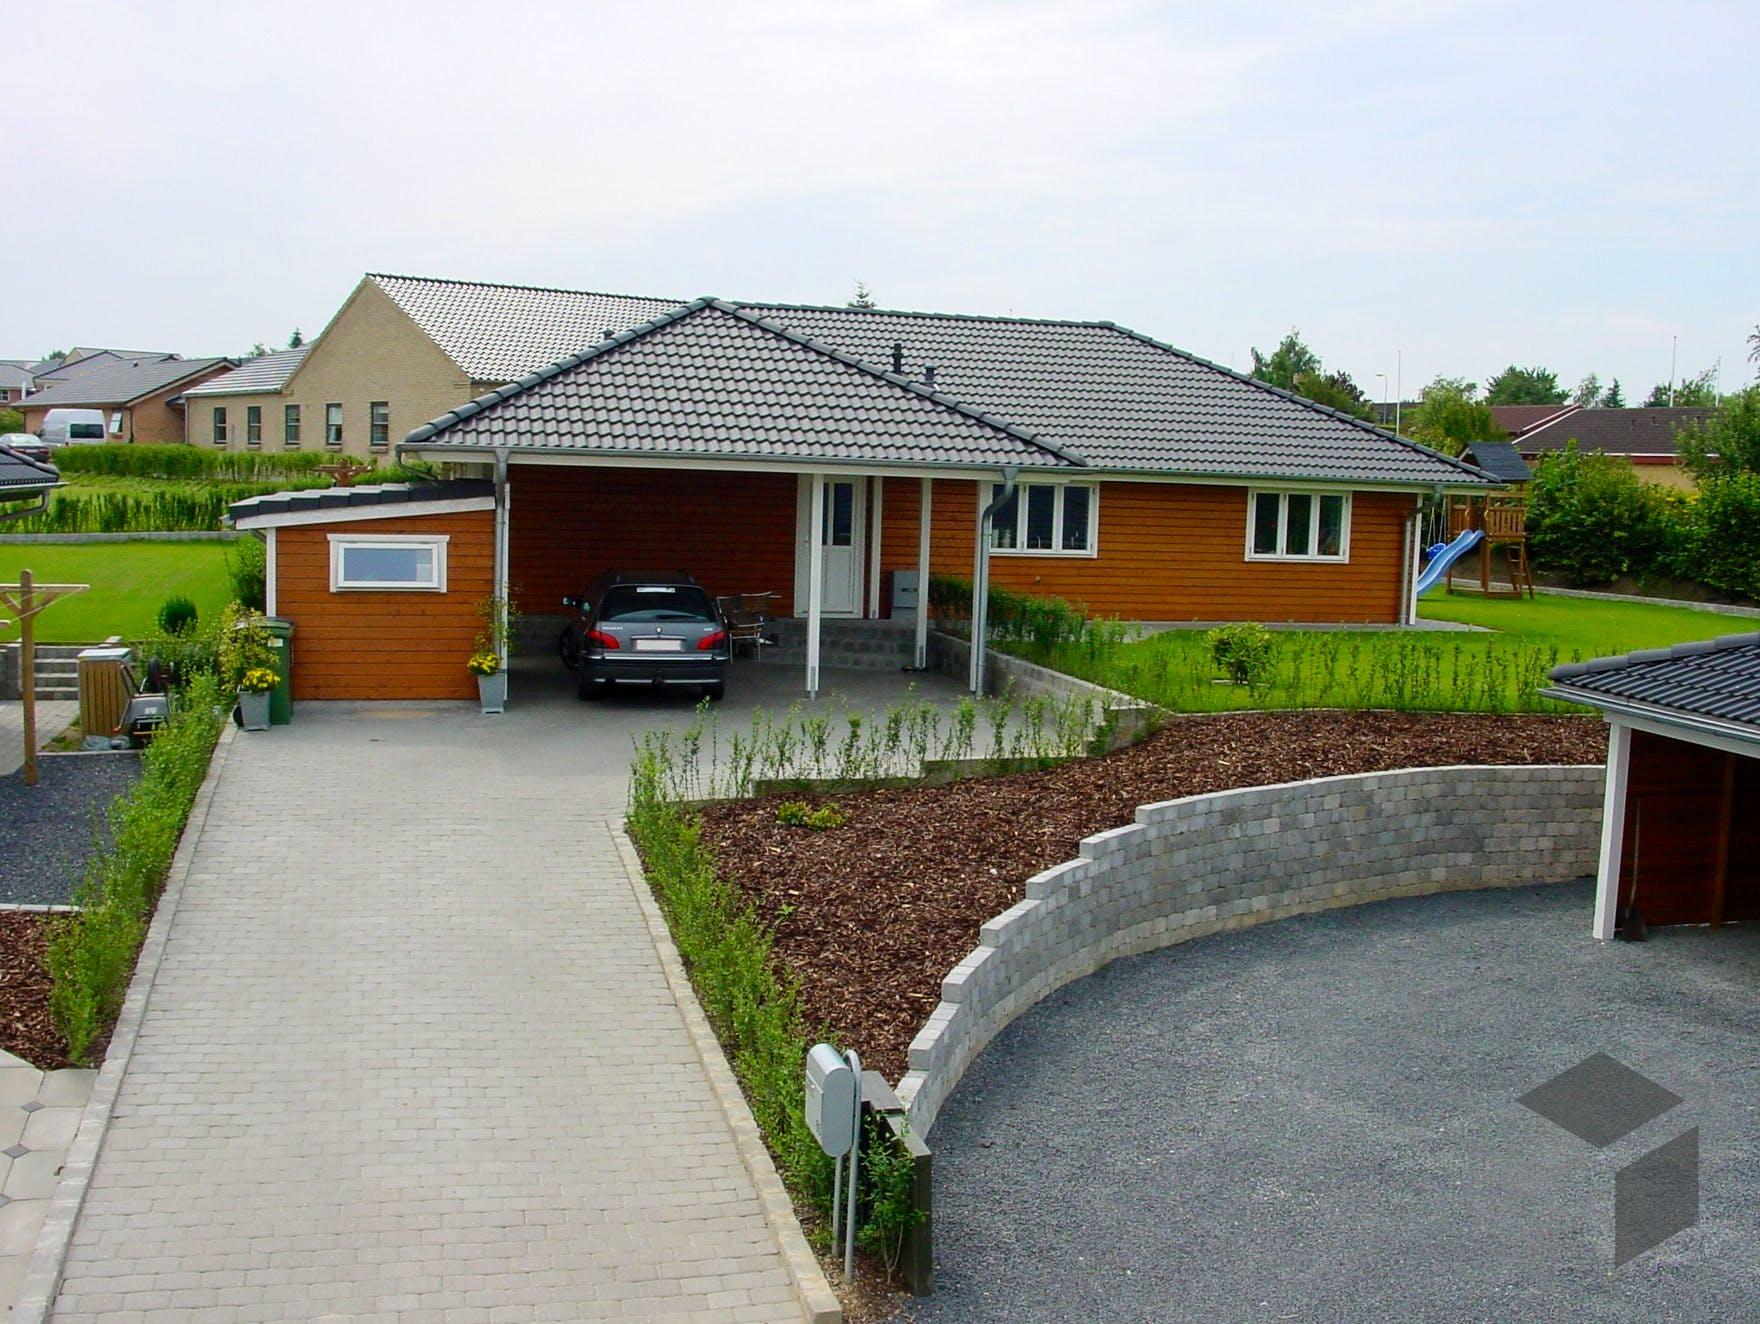 malm mit carport von fjorborg h user by merlin blockhaus walmdach. Black Bedroom Furniture Sets. Home Design Ideas